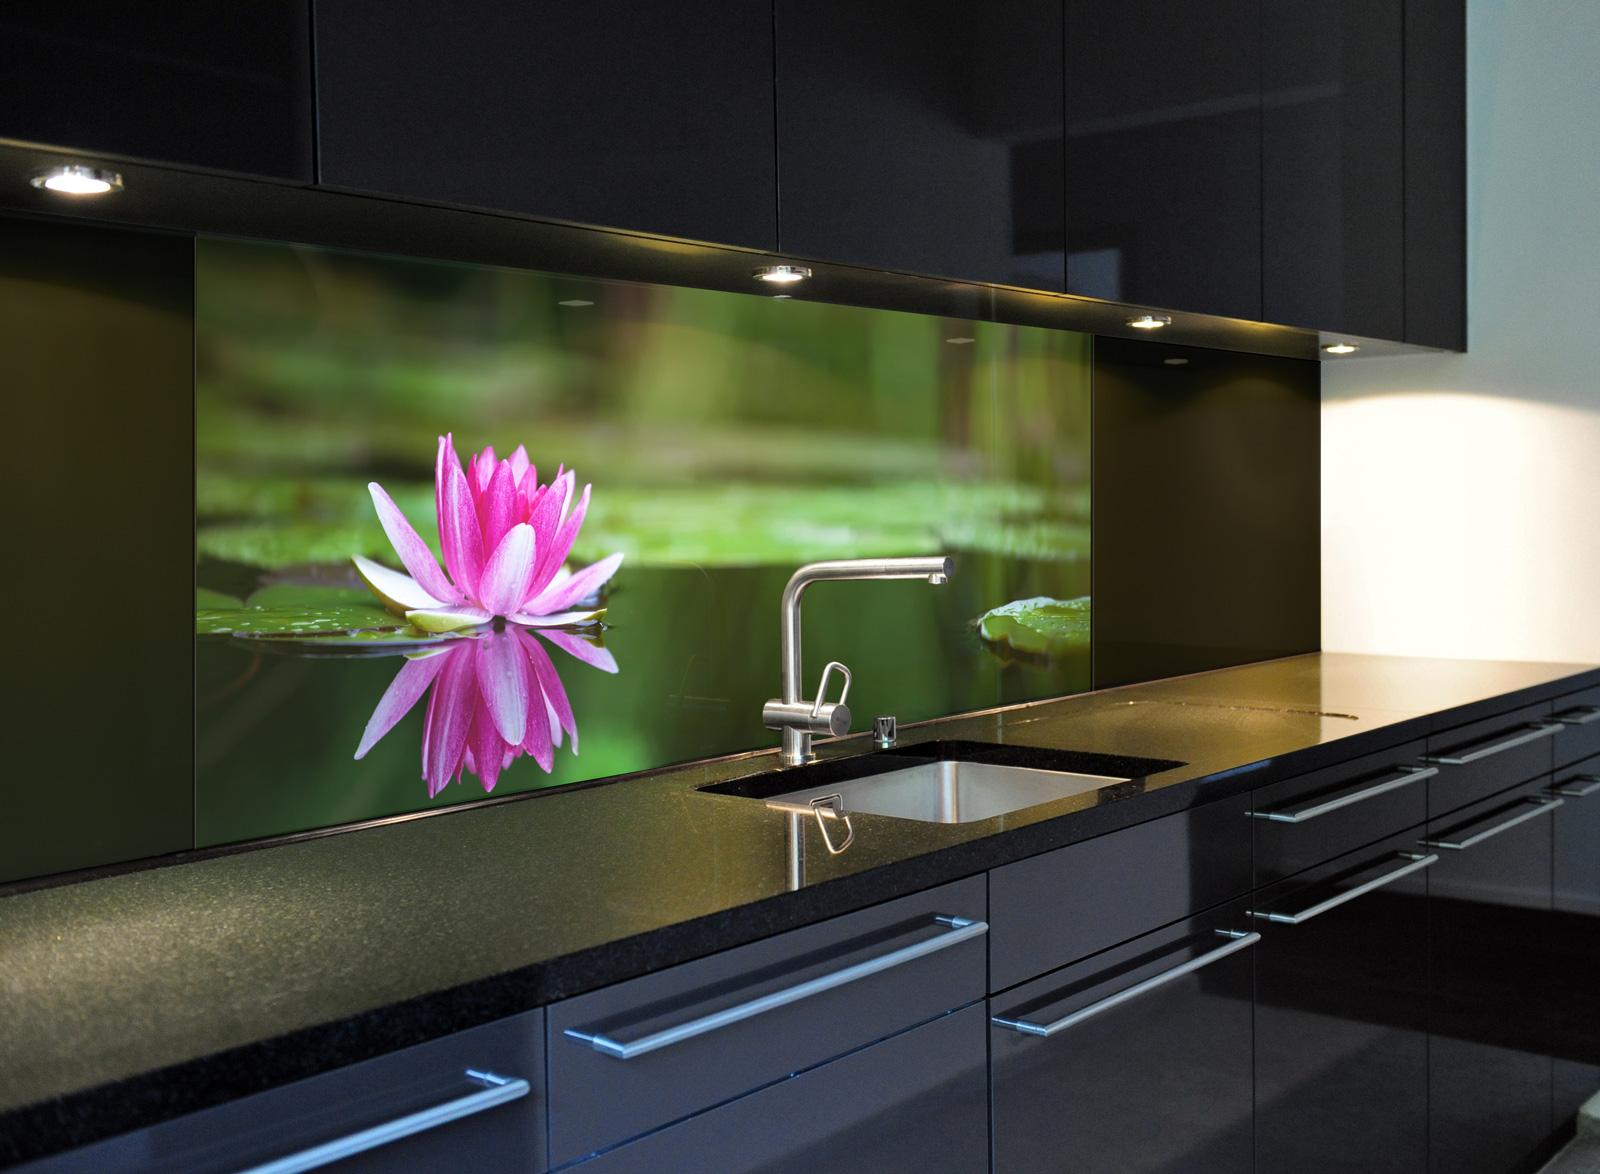 glasbild küche | bnbnews.co